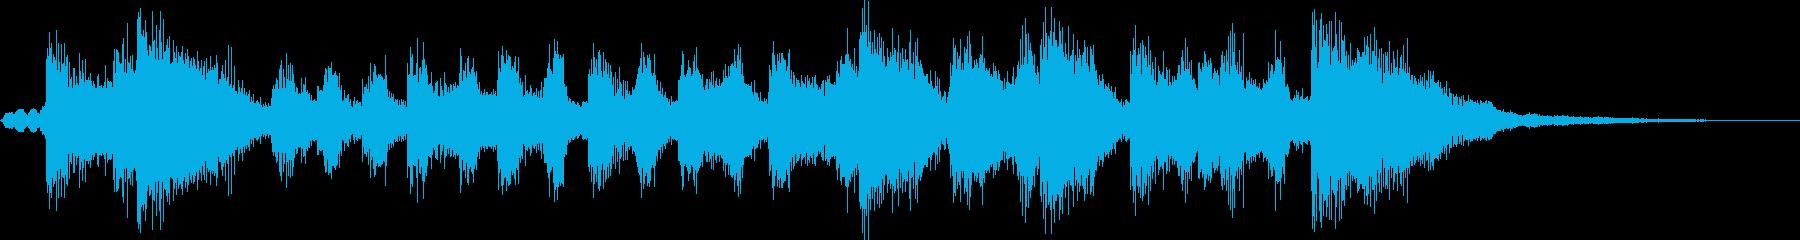 ファンファーレ風のブラスバンドのジングルの再生済みの波形